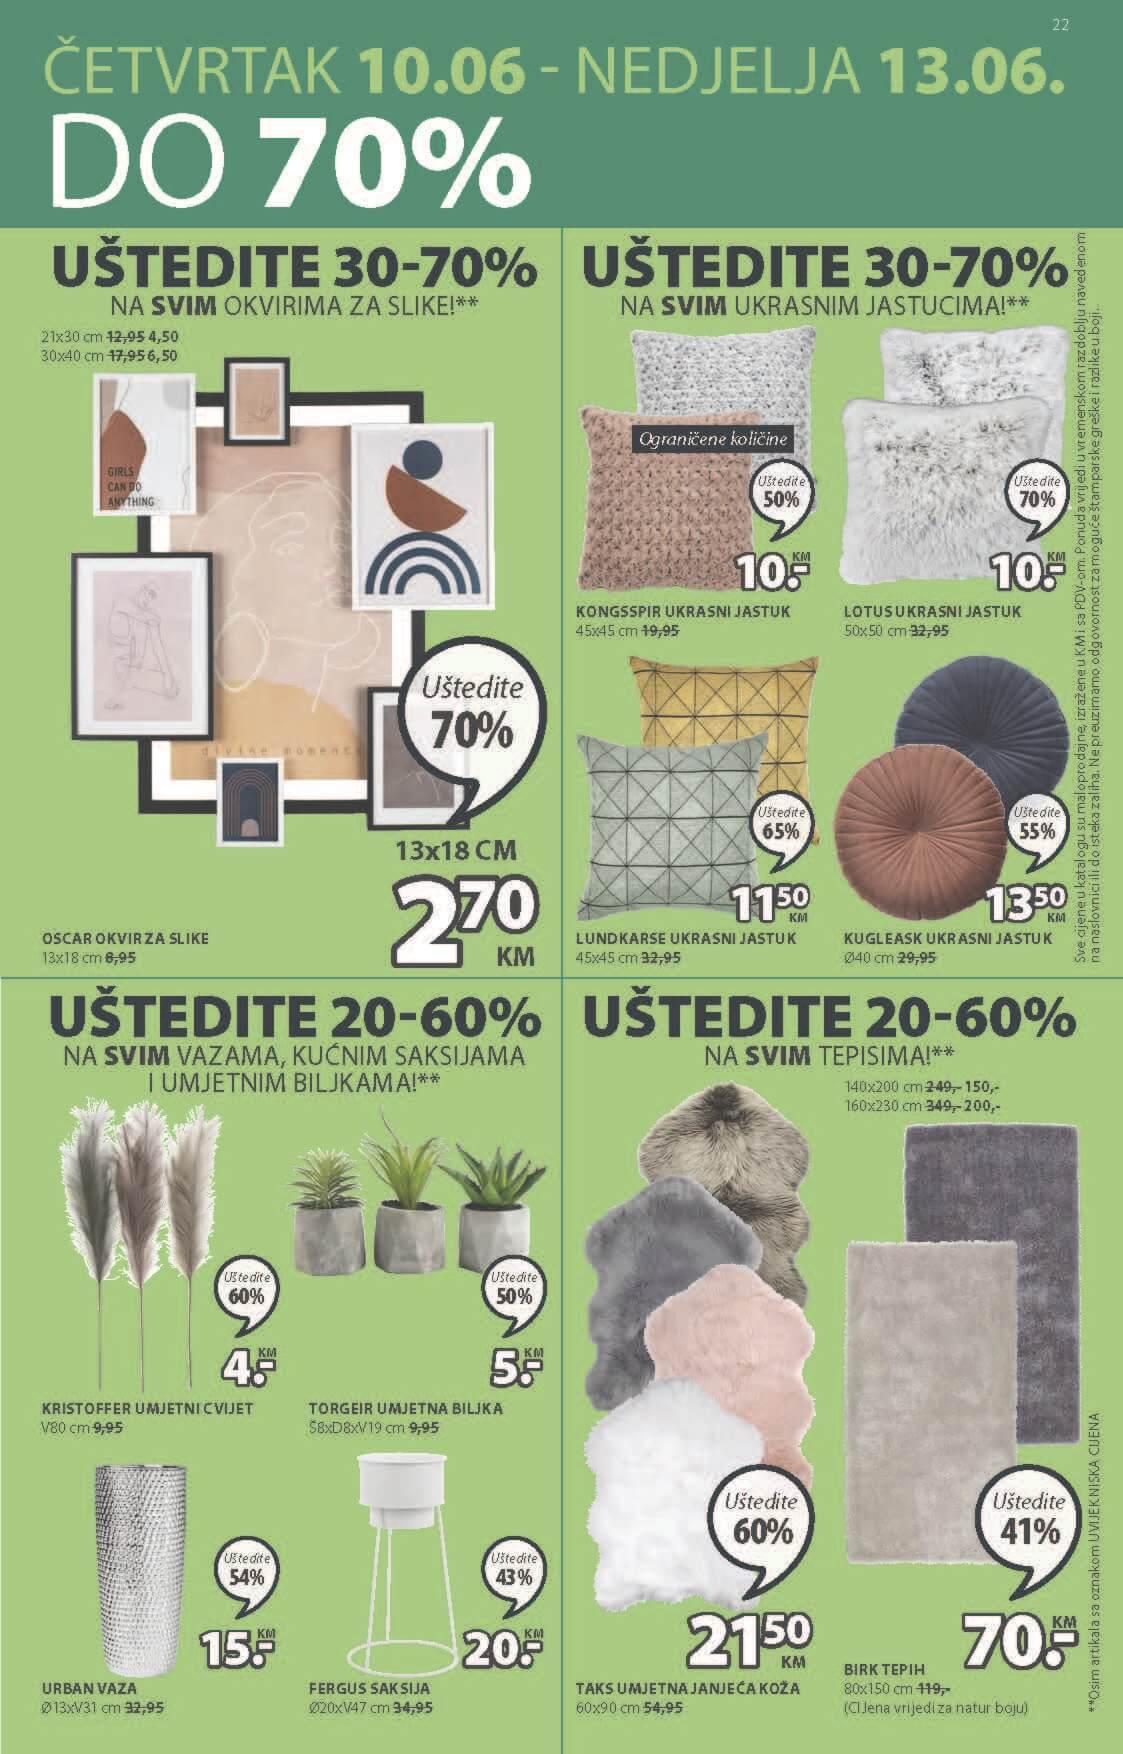 JYSK Katalog Sedmicna ponuda JUN 2021 10.06. 23.06. Page 24